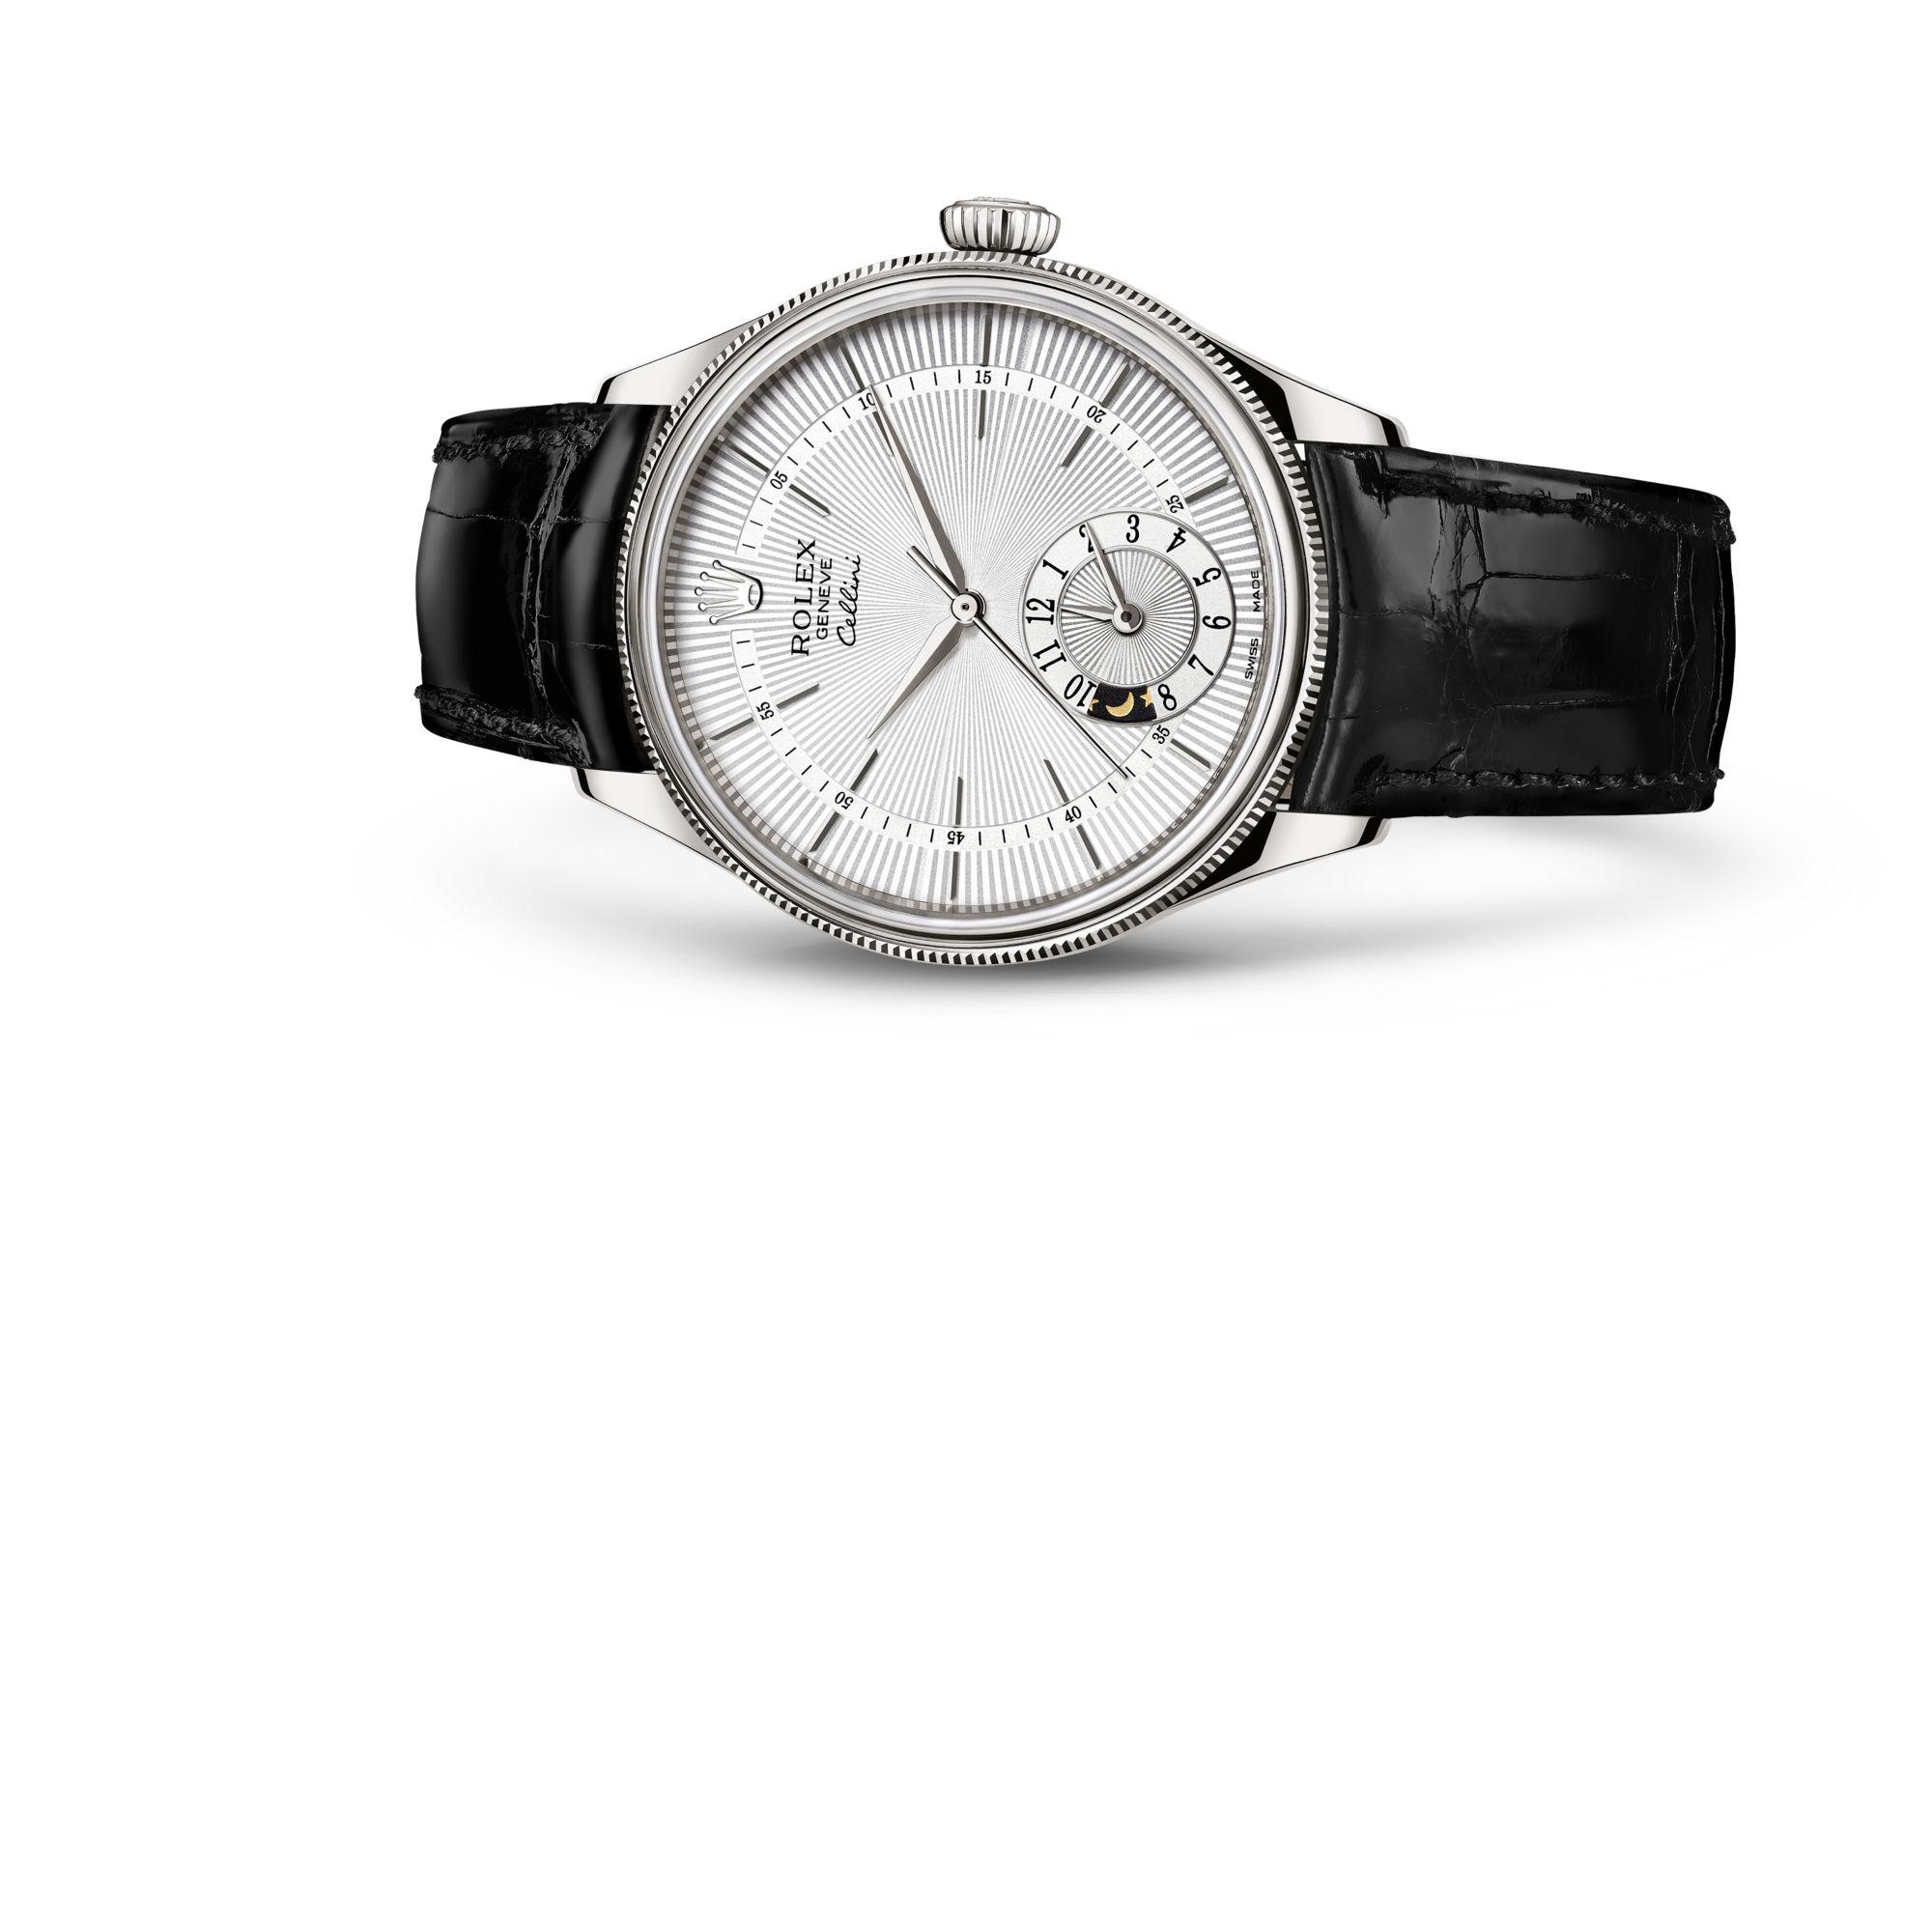 Rolex チェリーニ<br>デュアルタイム M50529-0006